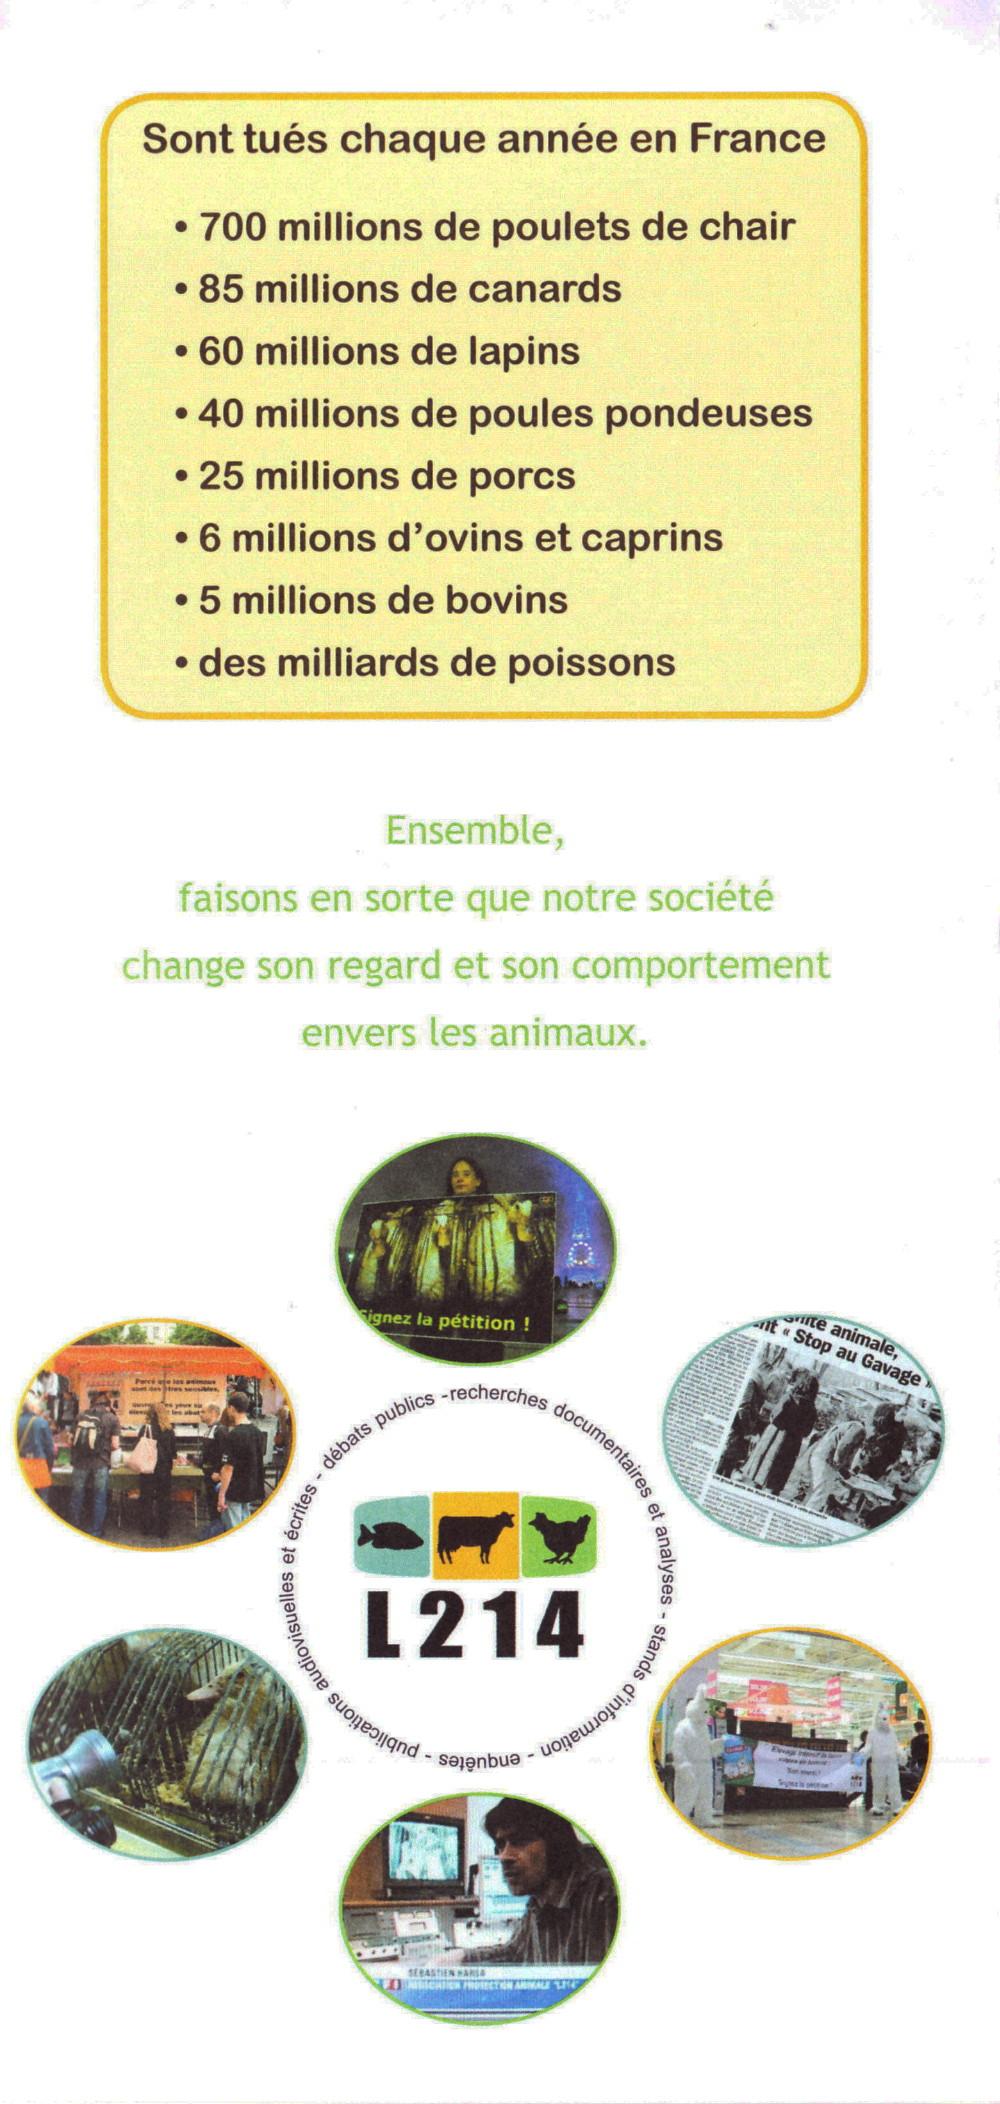 Abolition du foie gras 11/11/2010 Paris : compte-rendu 101111040705853867097088